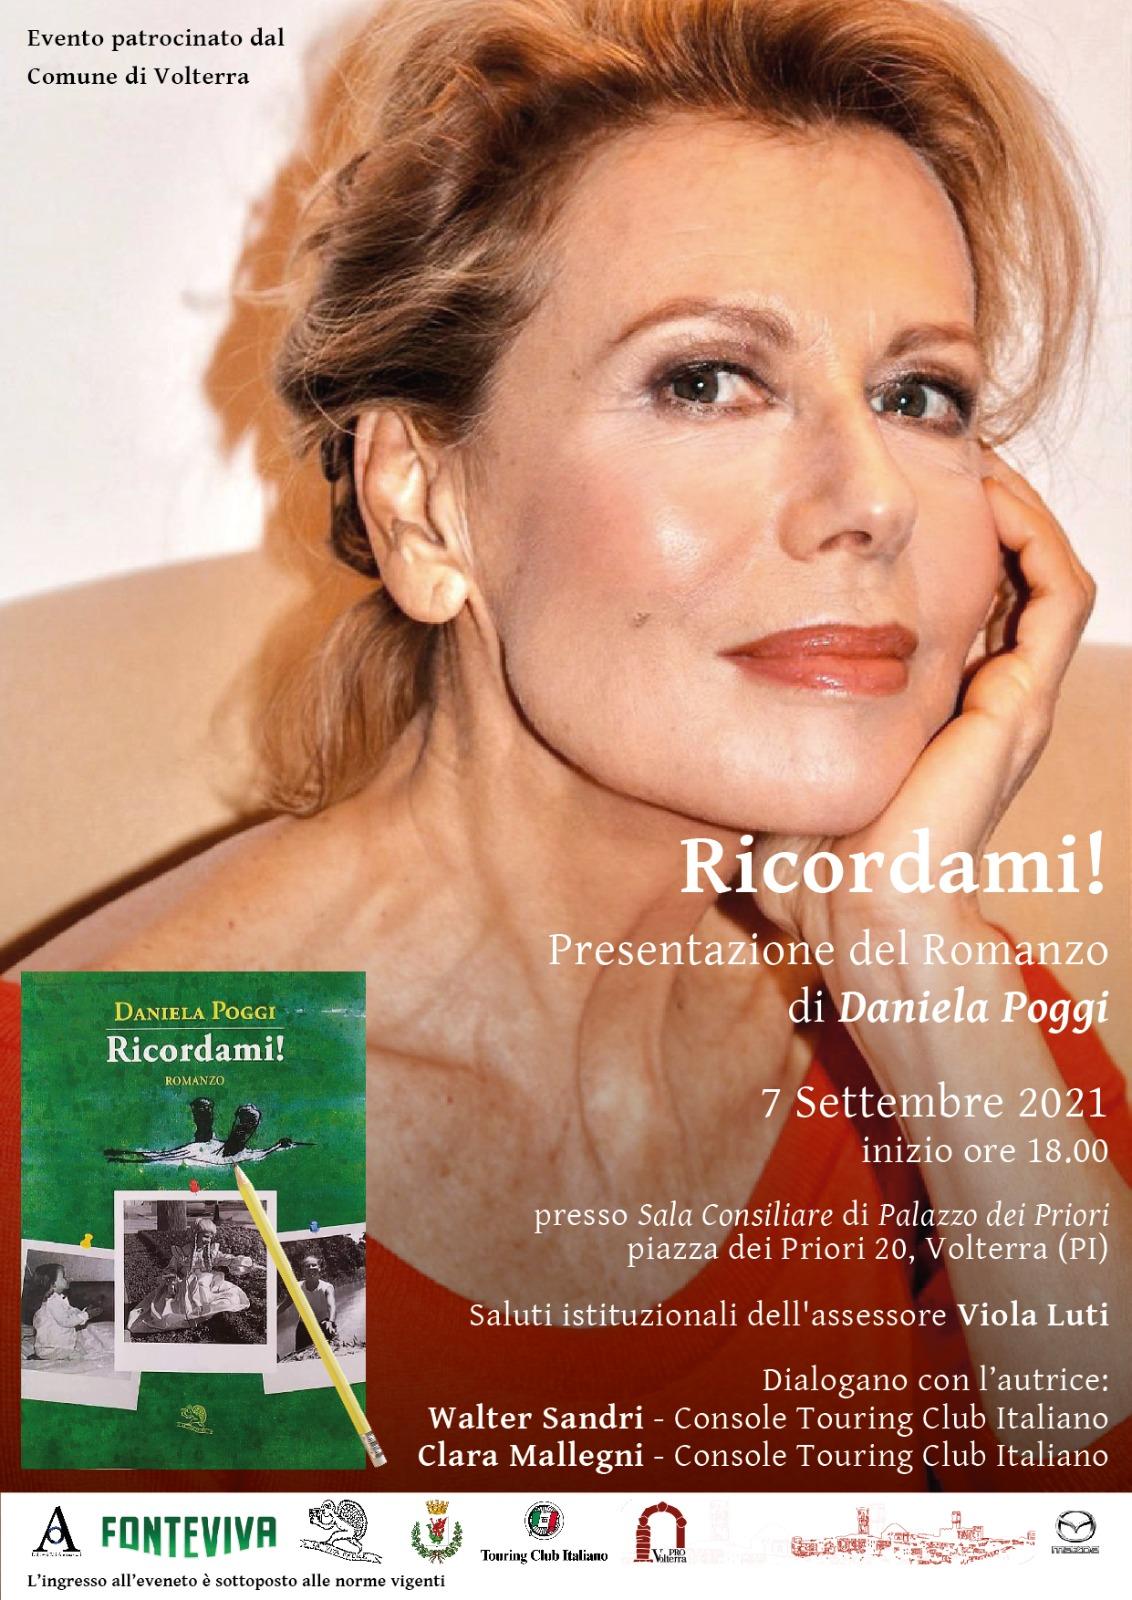 Daniela Poggi a Volterra per presentare il suo libro